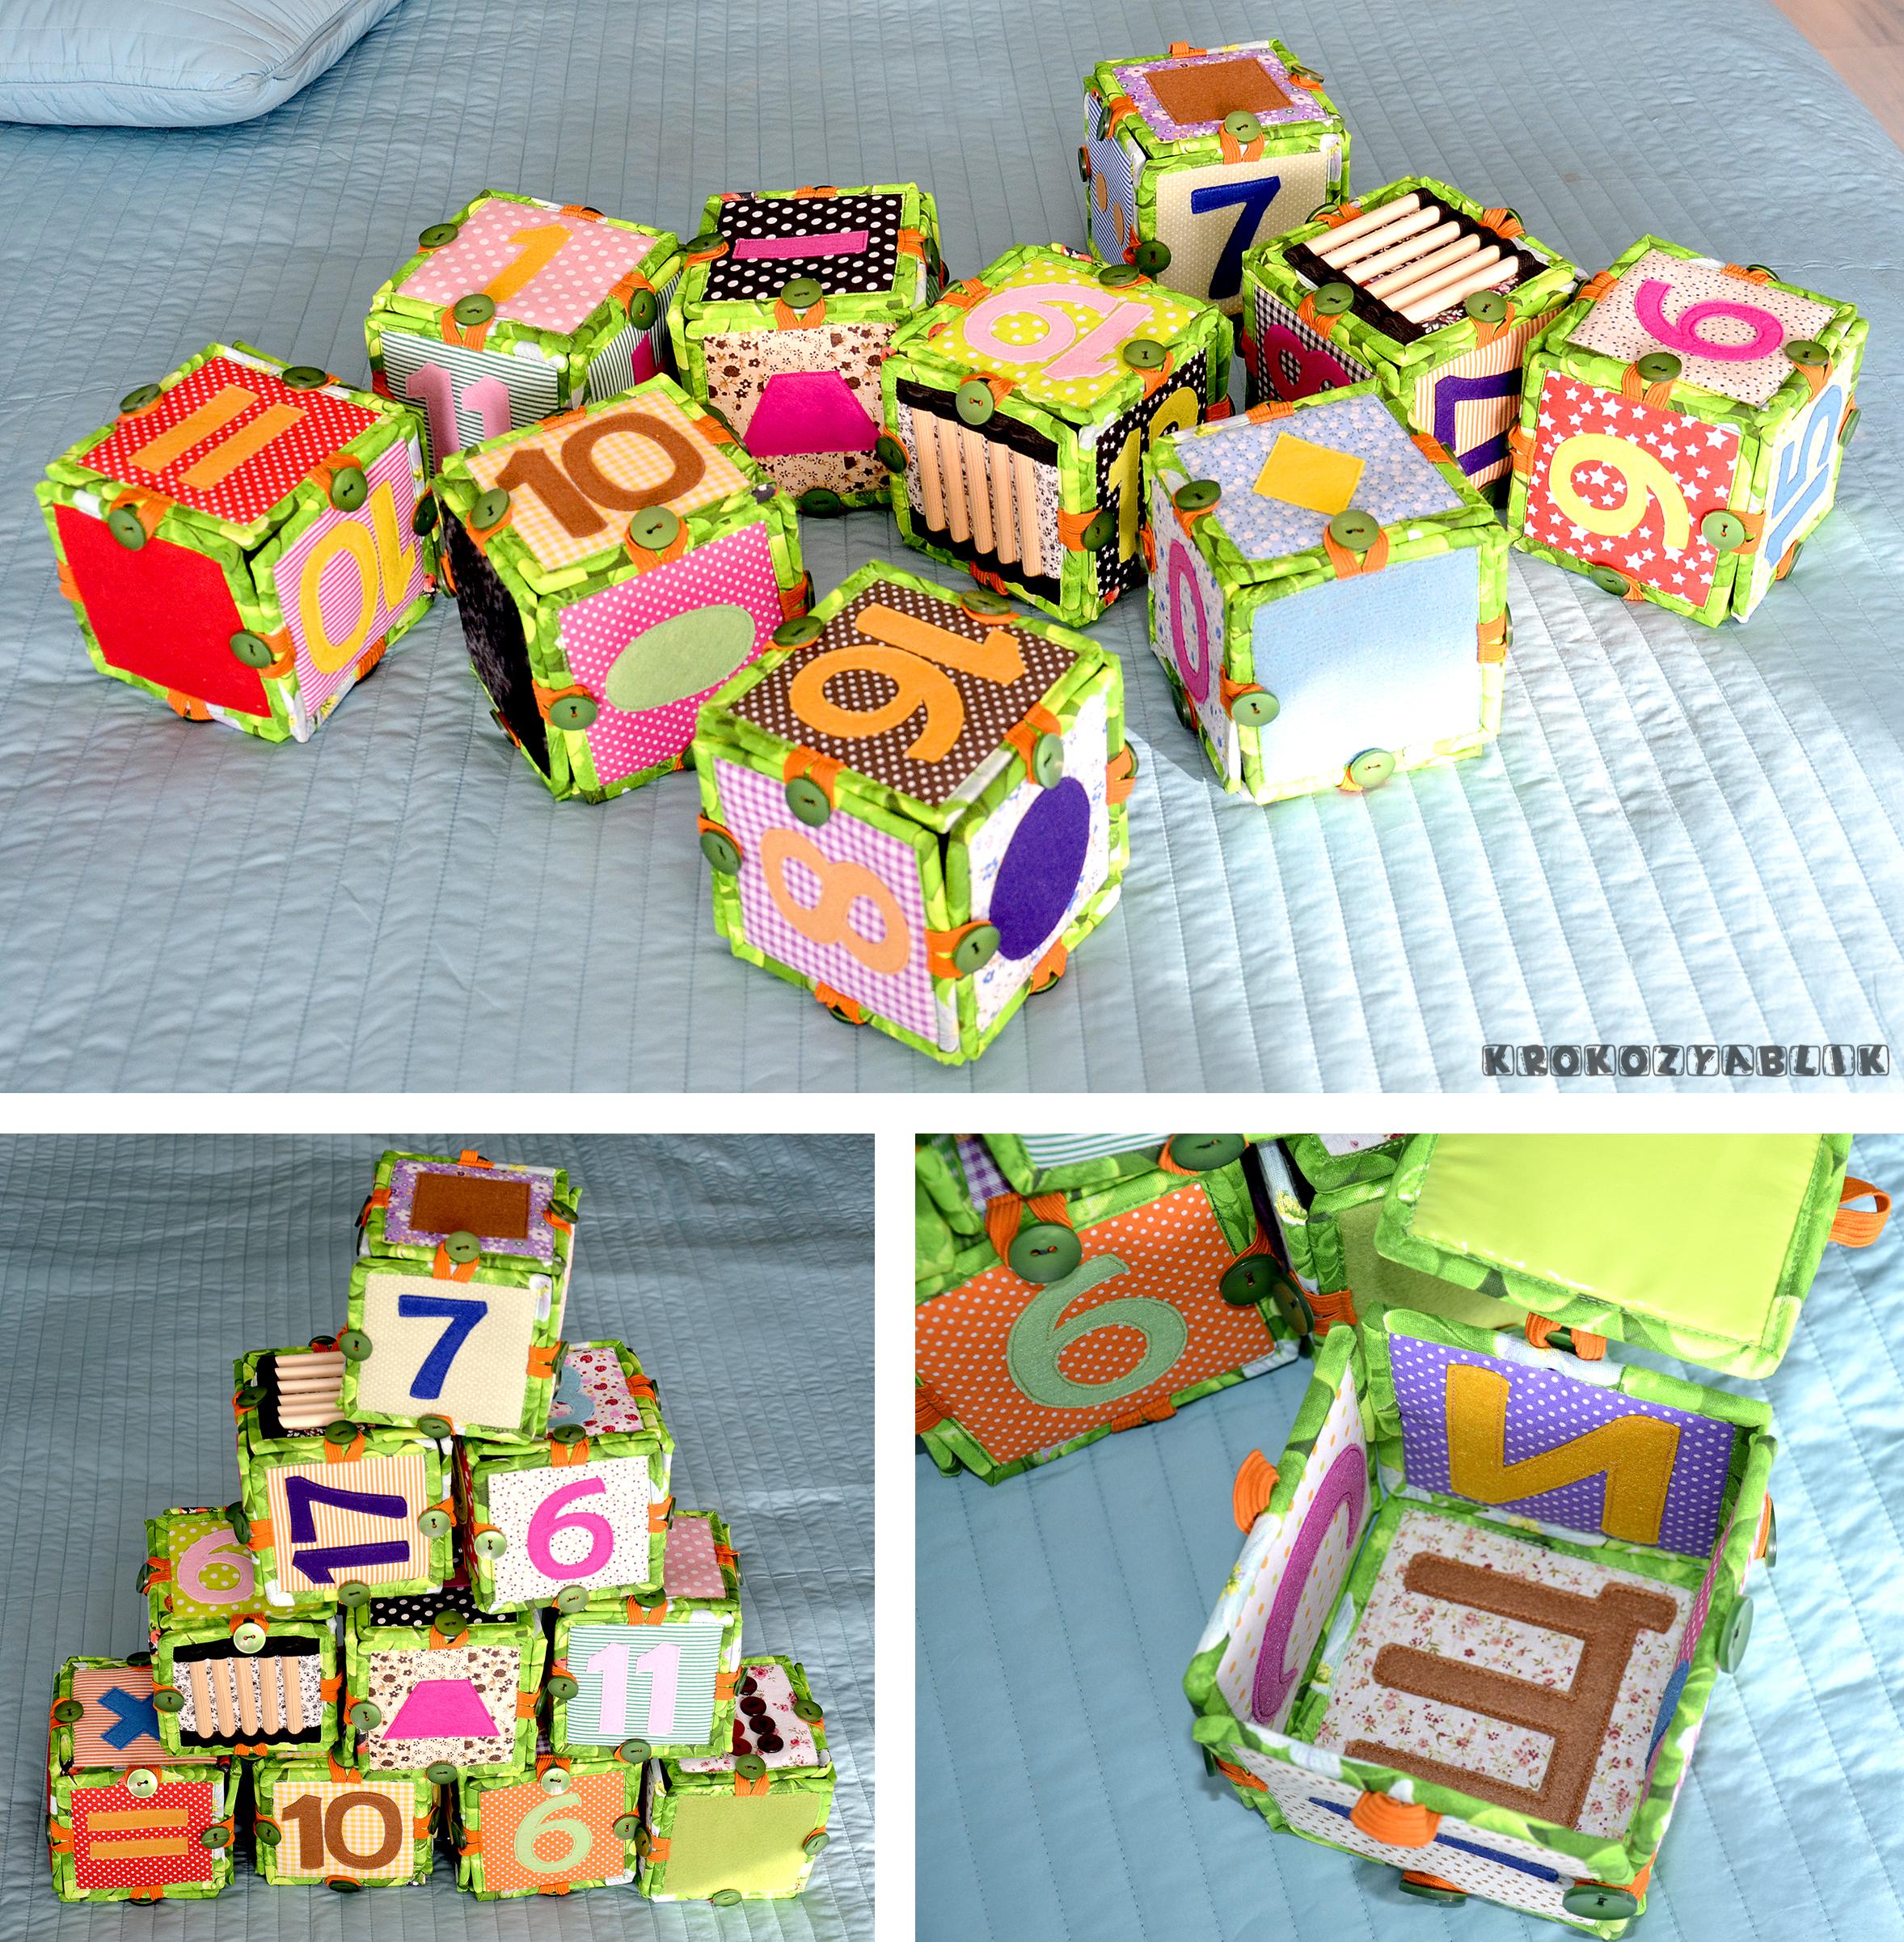 массажный коврик конструктор 10 кубиков 2.jpg